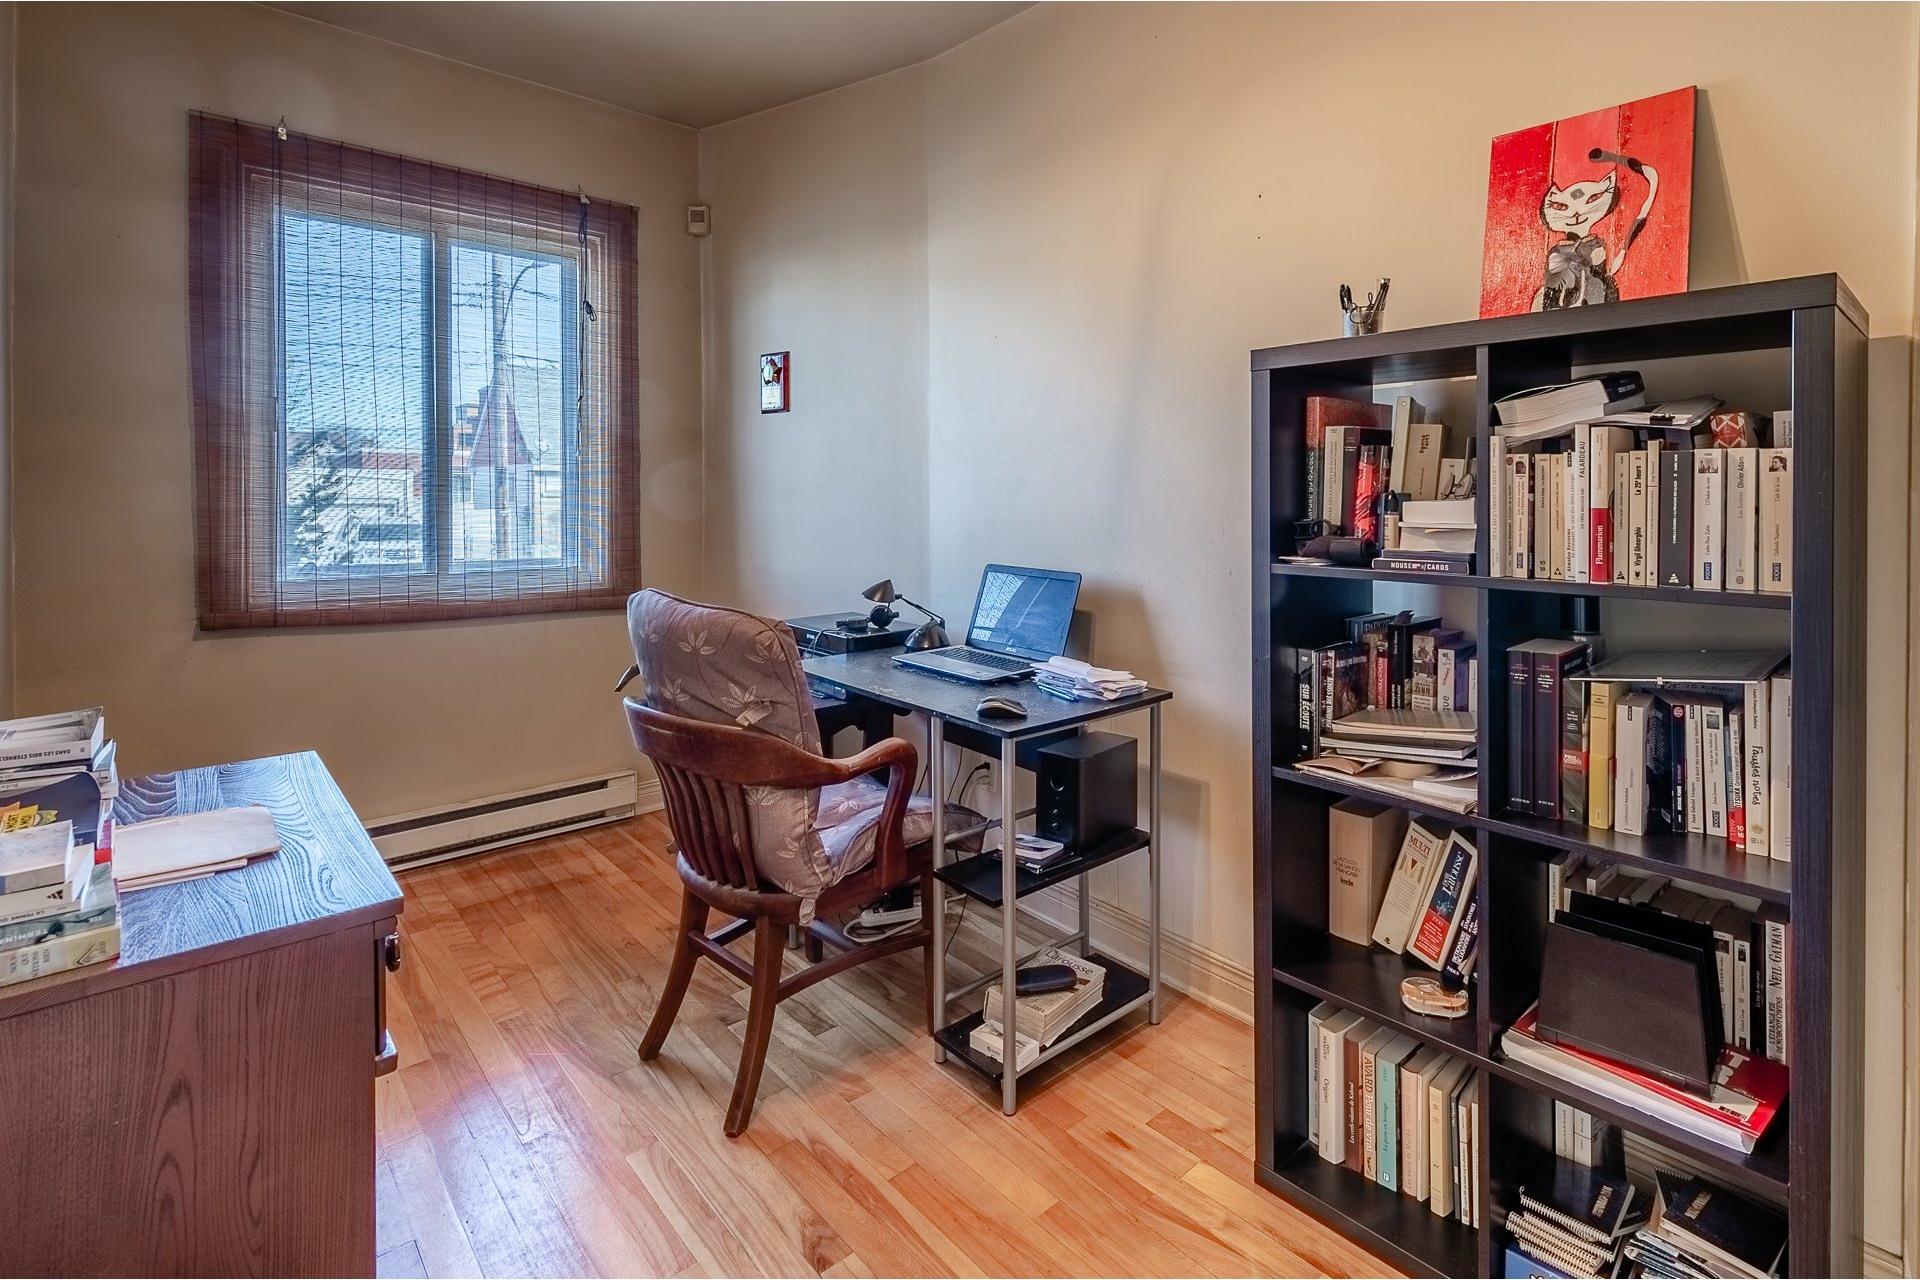 image 9 - Duplex À vendre Villeray/Saint-Michel/Parc-Extension Montréal  - 5 pièces